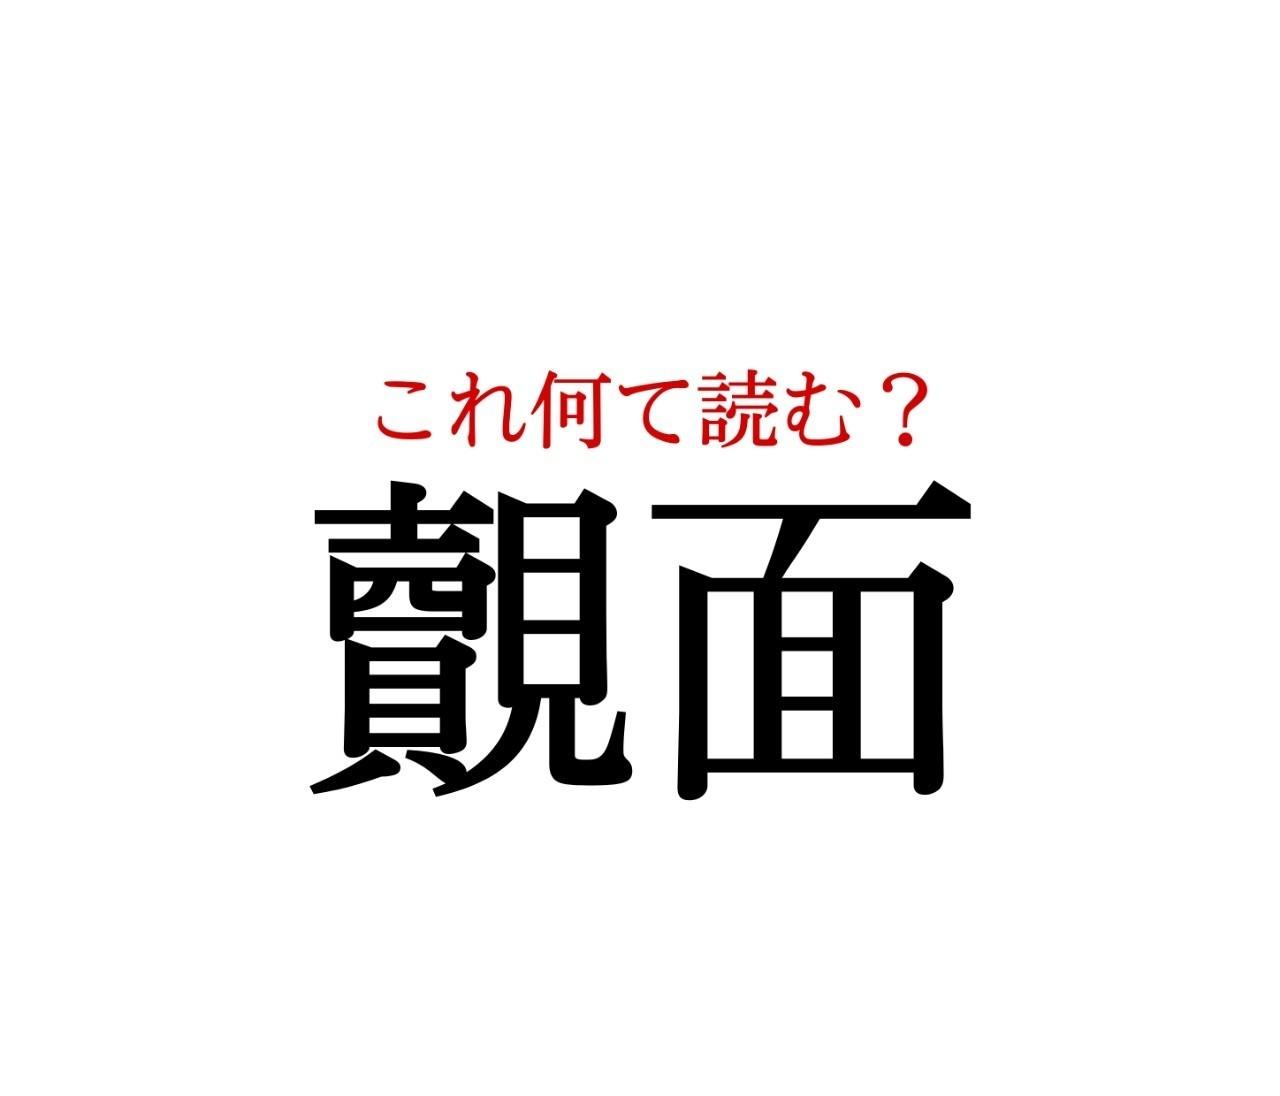 「覿面」:この漢字、自信を持って読めますか?【働く大人の漢字クイズvol.86】